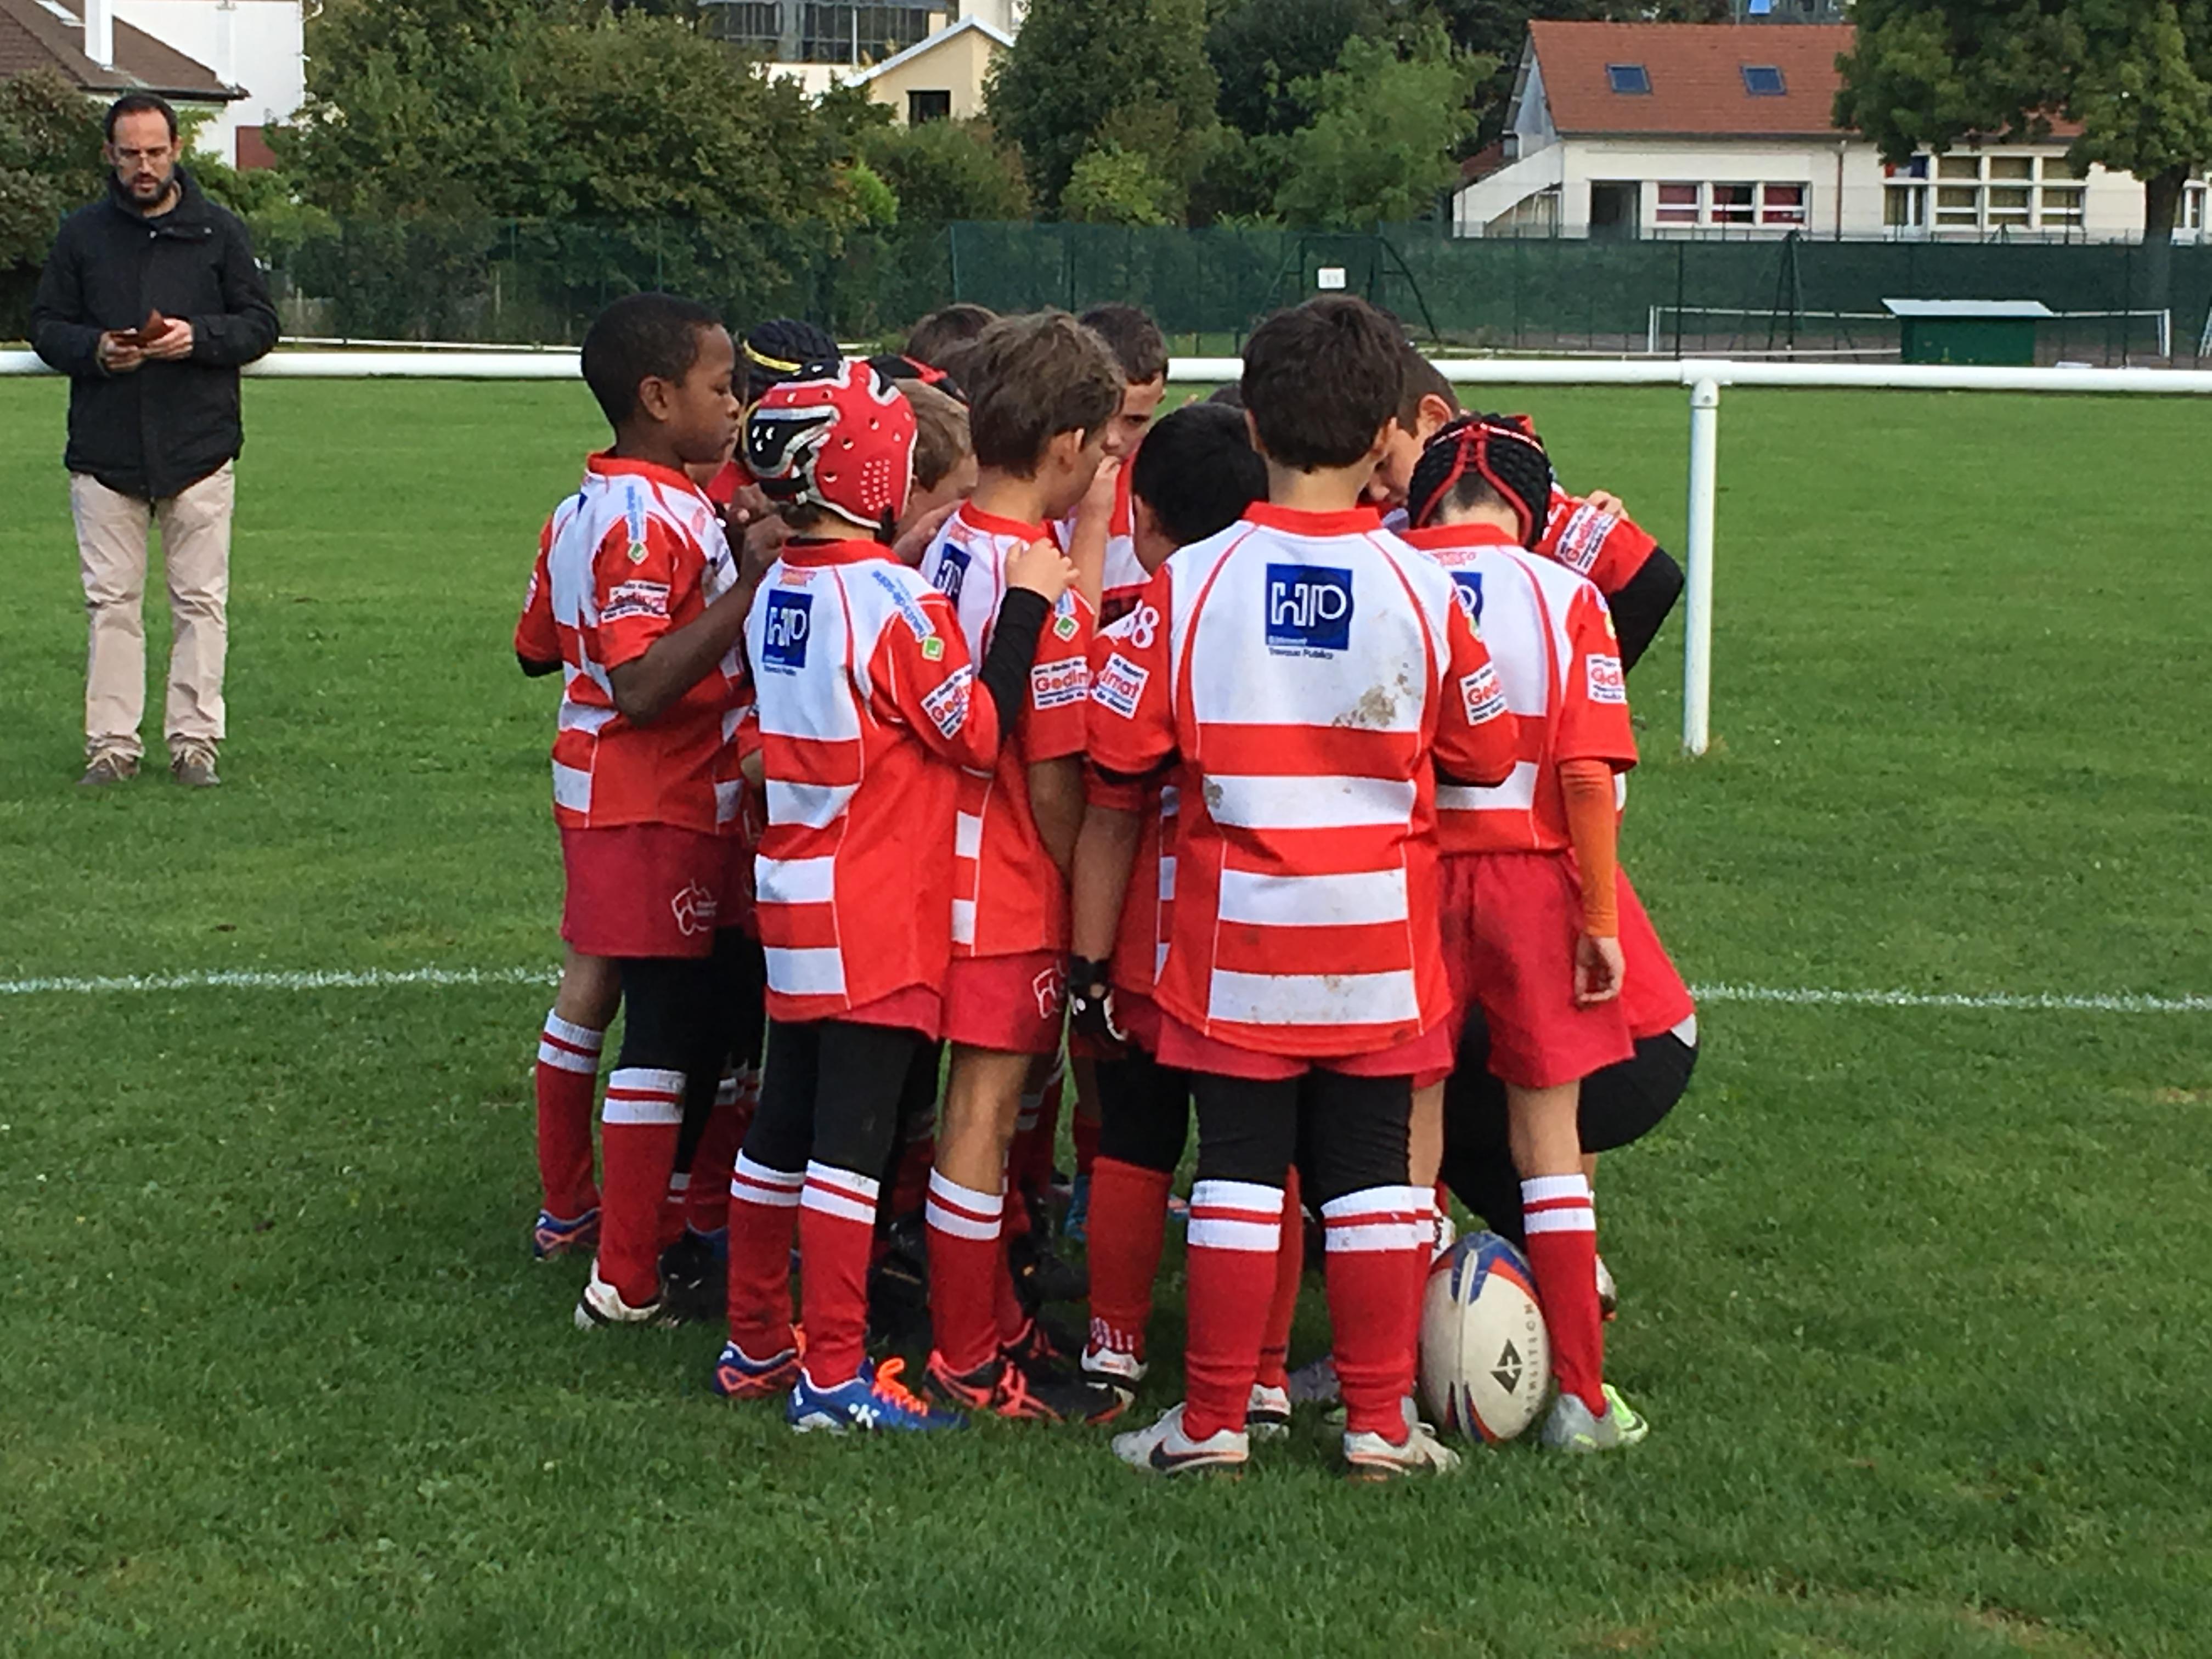 Clamart Rugby 92 Triangulaire U10 de Marne La Coquette-1